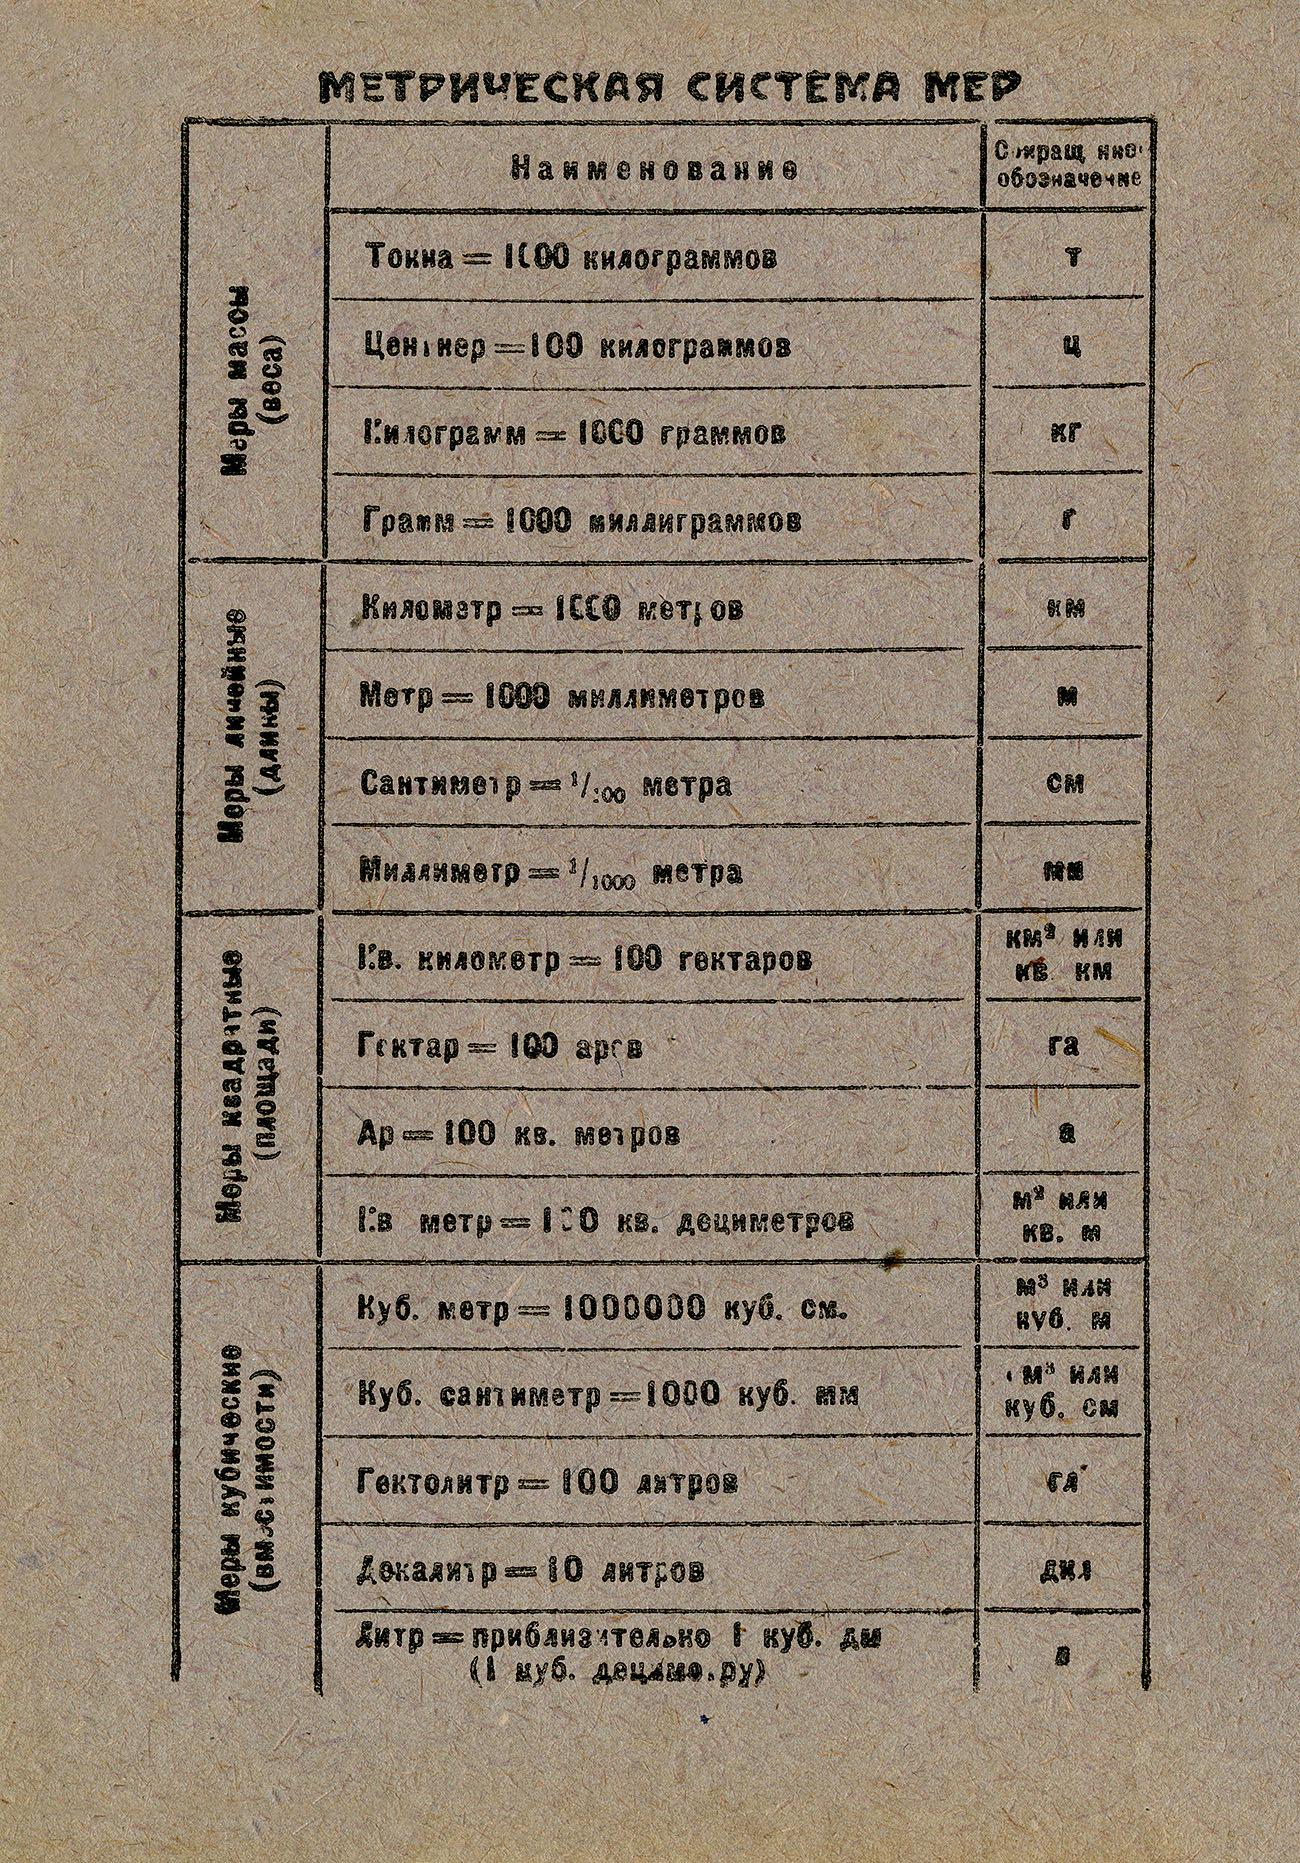 Тетрадь детский технический кружок, стр. 2